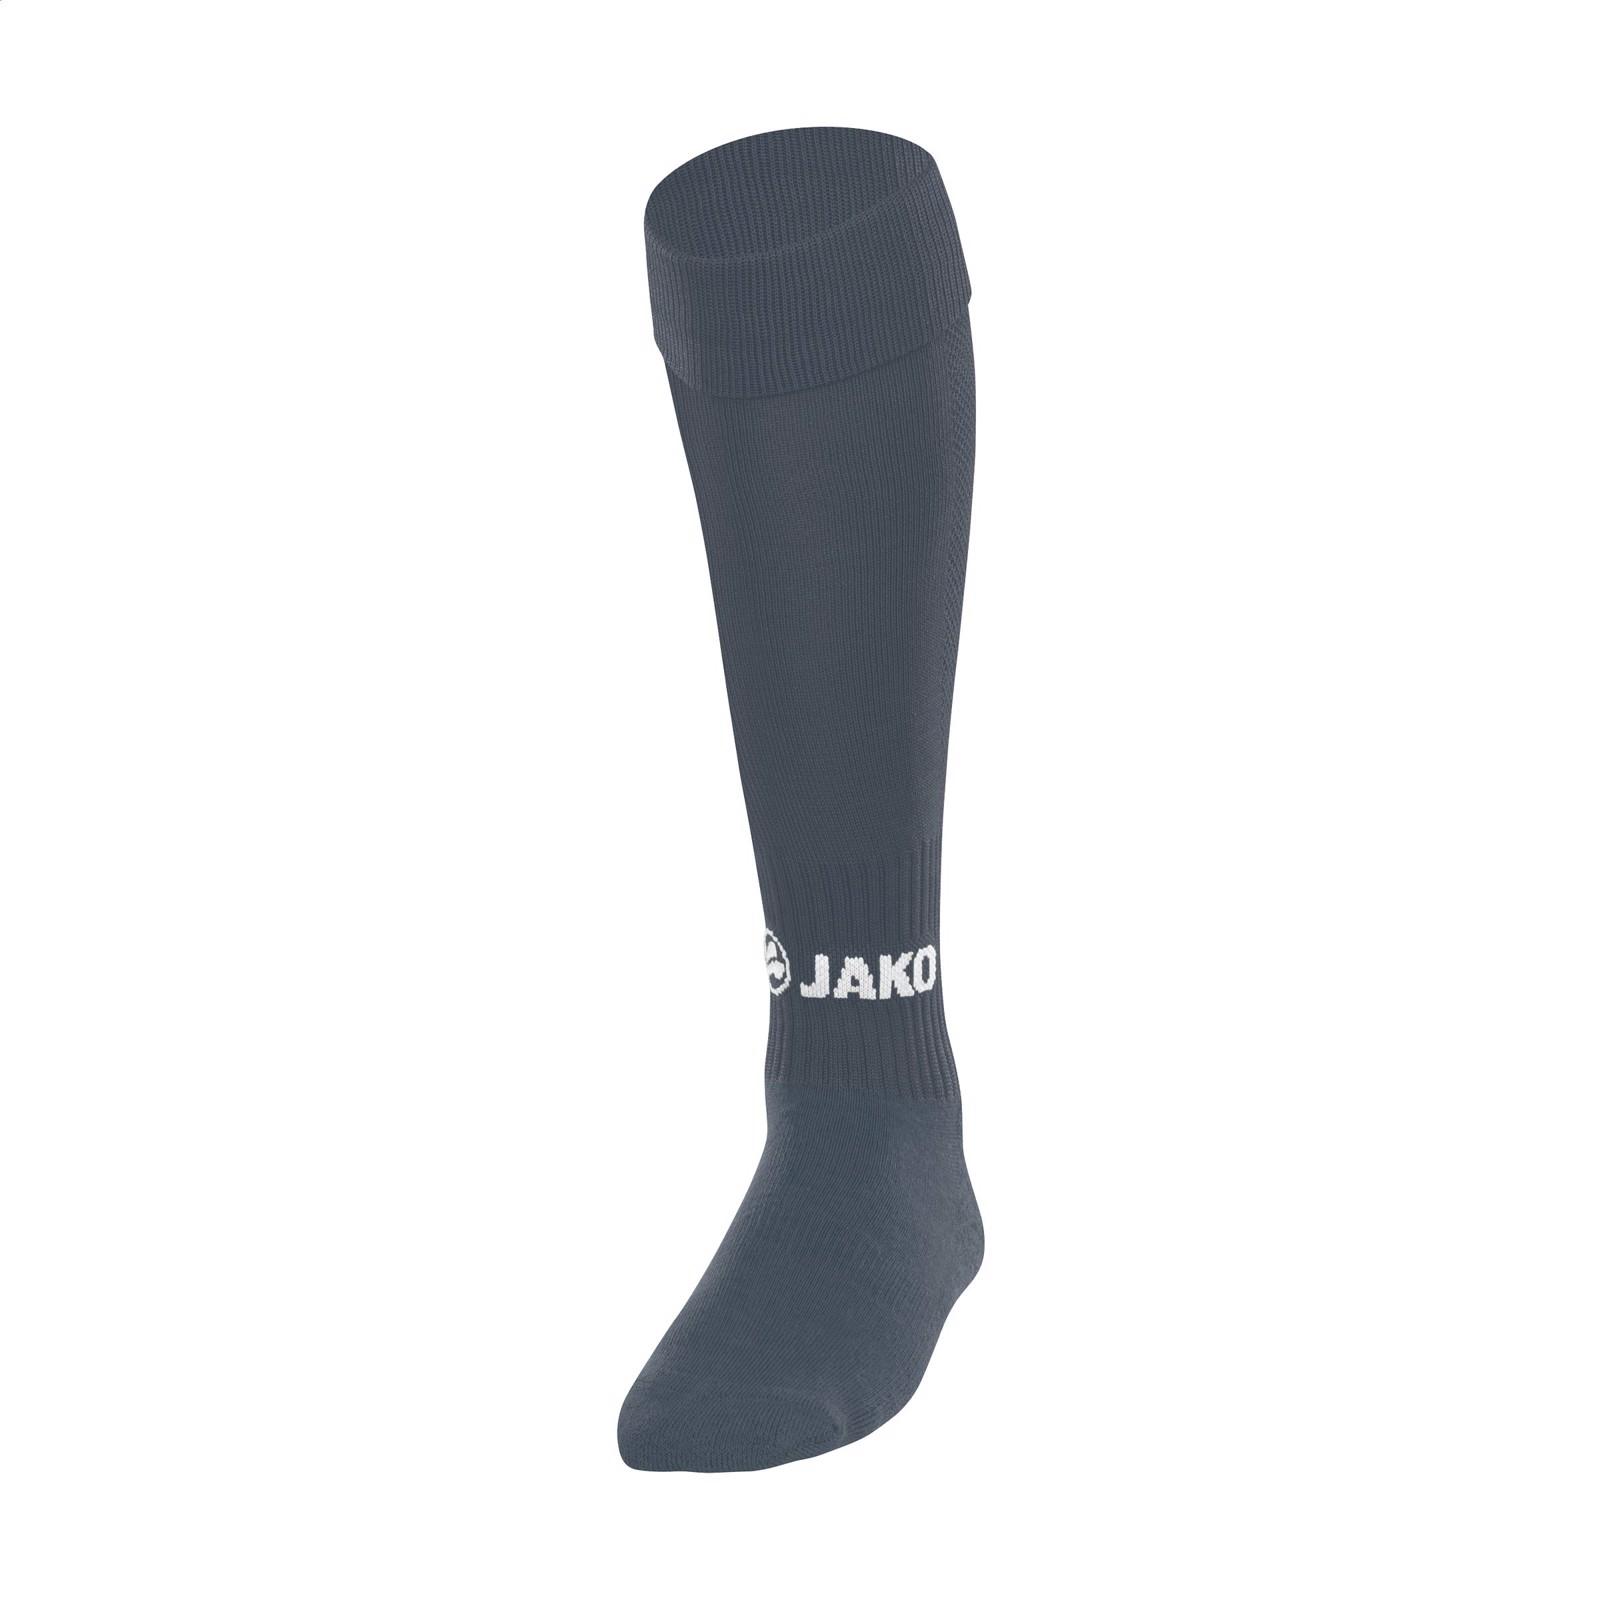 Jako® Glasgow Sport Socks Kids - Grey / M